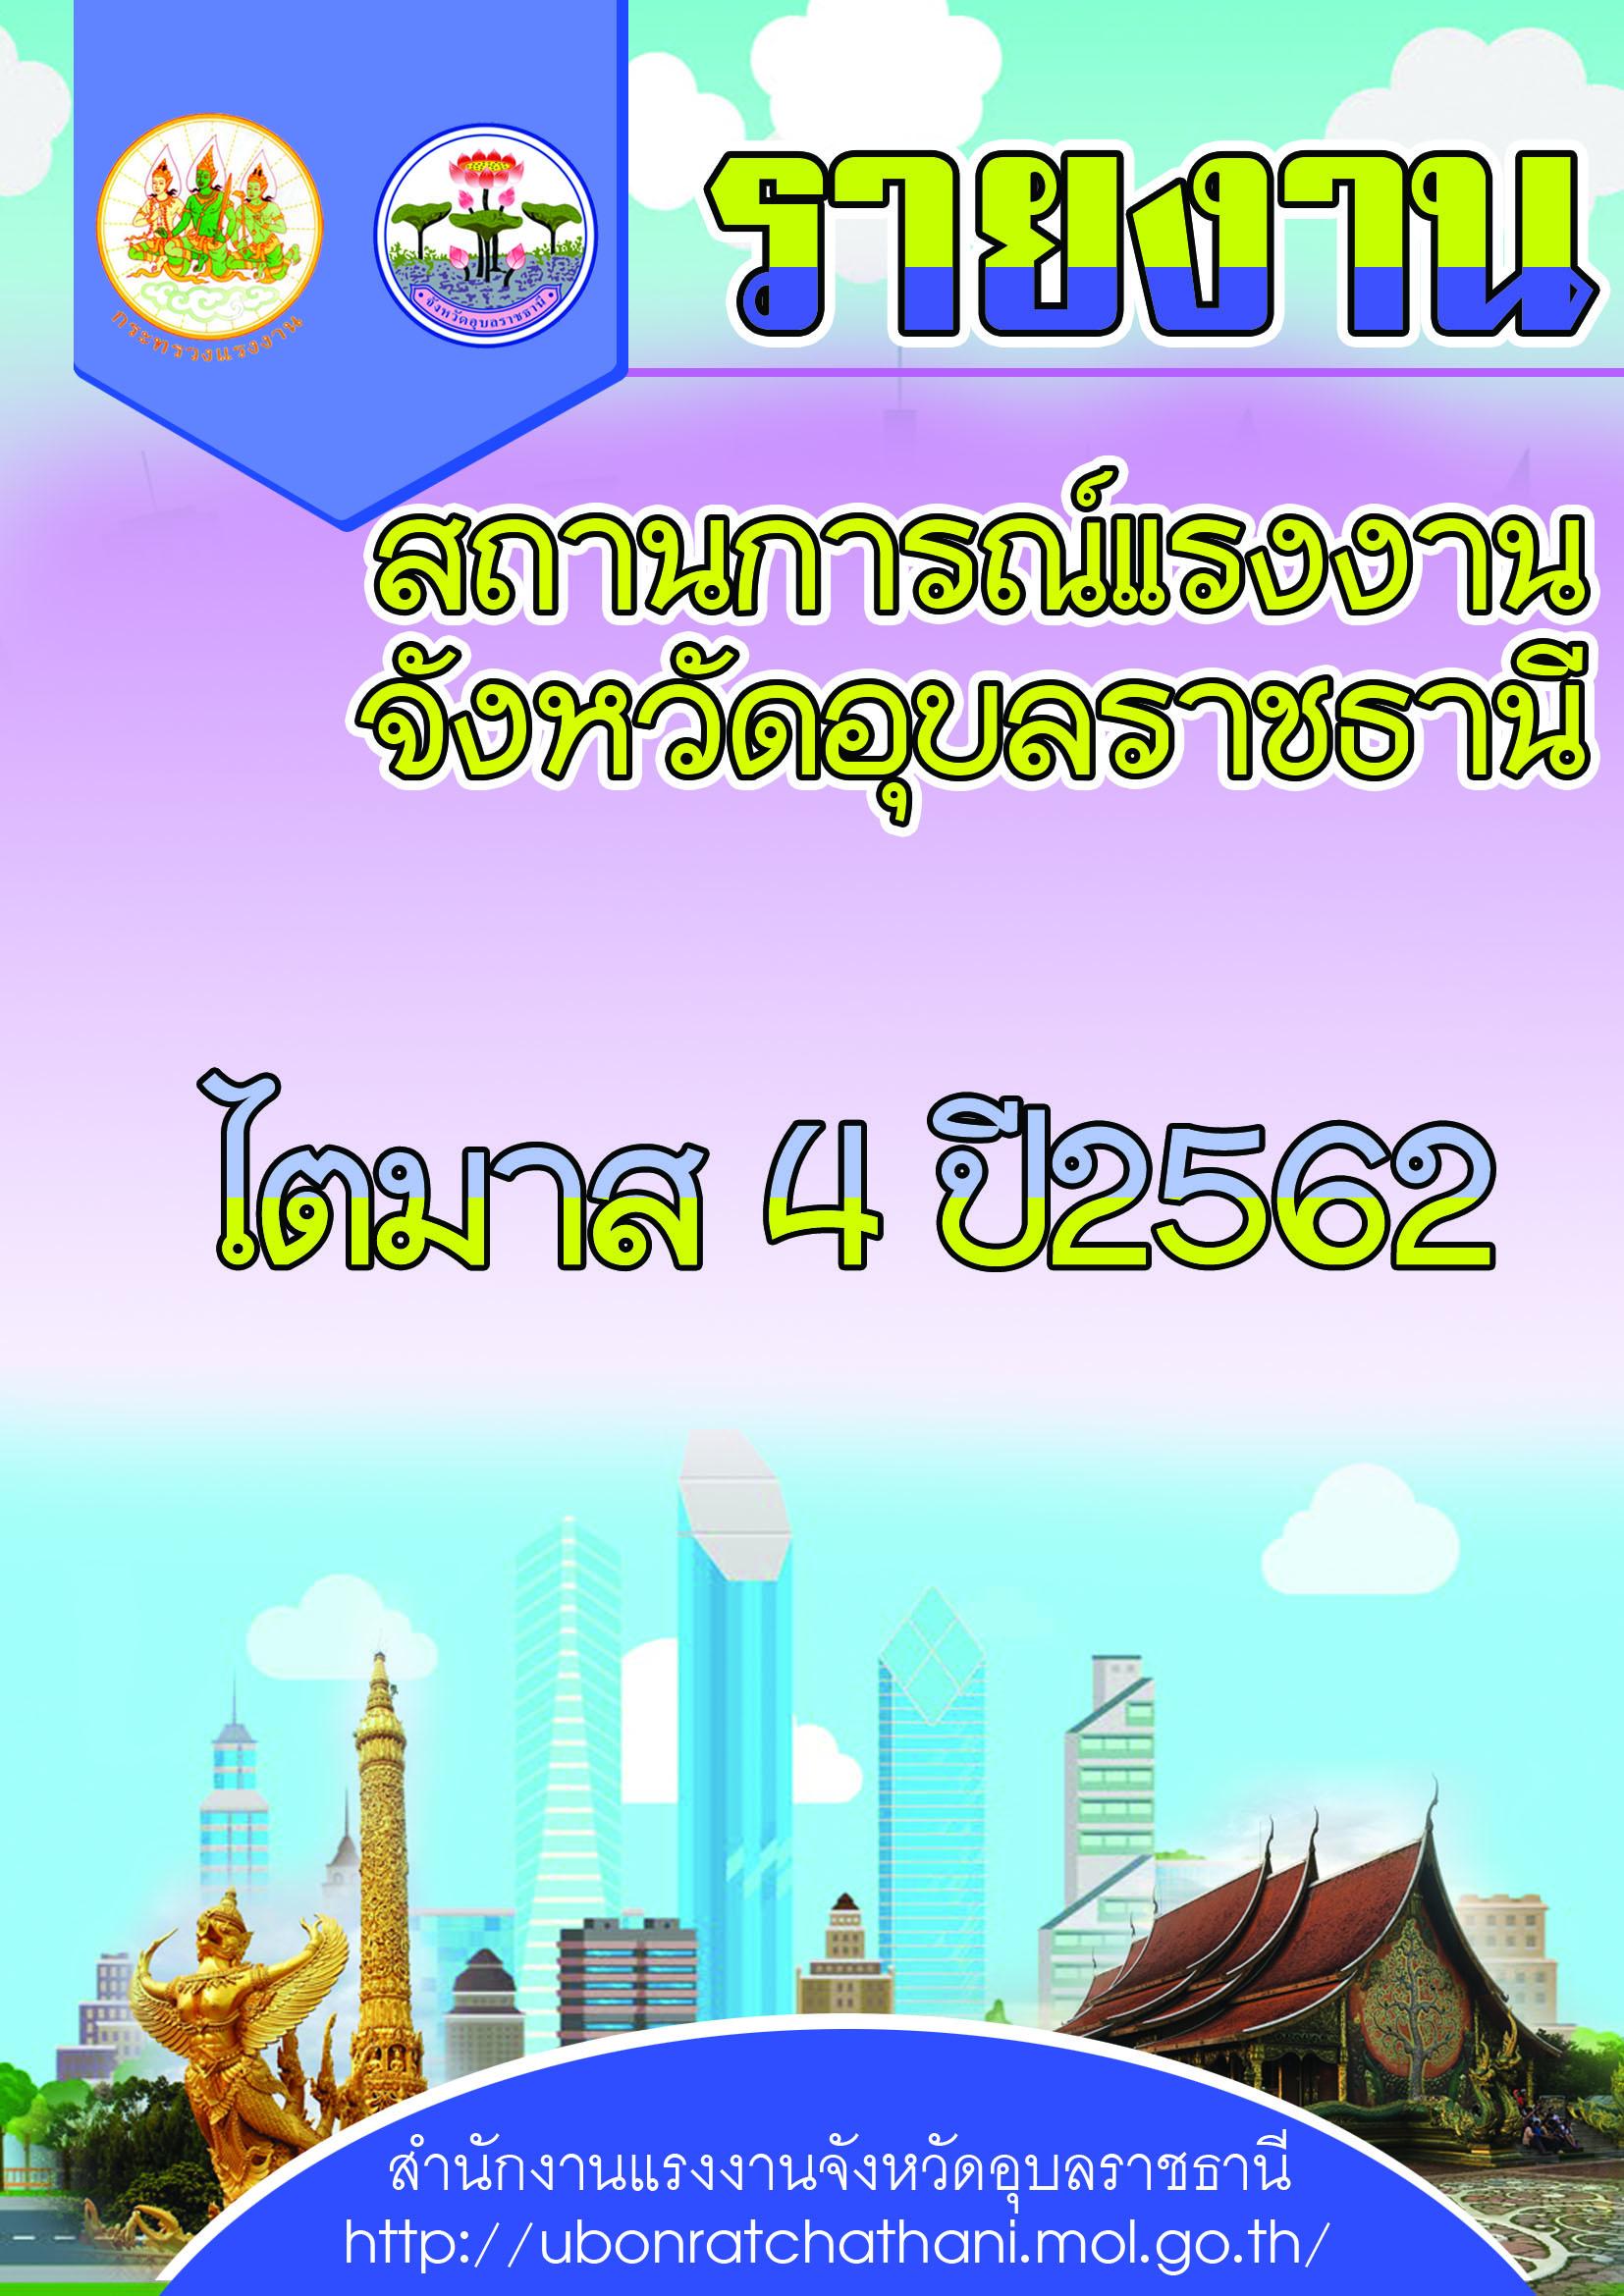 รายงานสถานการณ์แรงงานจังหวัดอุบลราชธานี ไตรมาส 4 ปี 2562